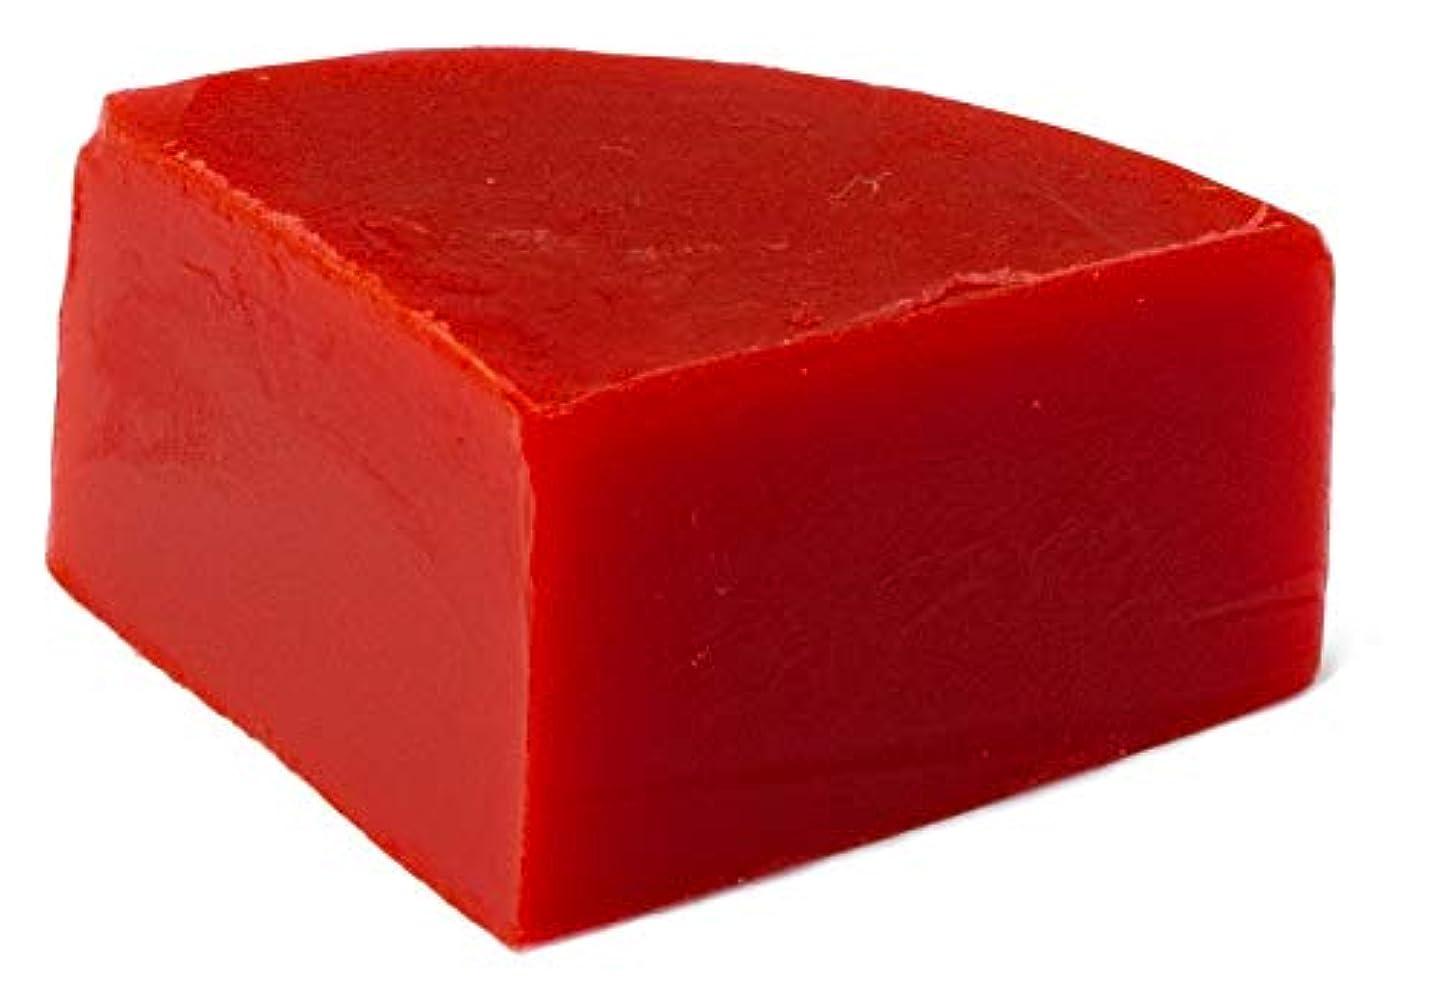 グリセリン クリアソープ 色チップ 赤 25g (MPソープ)